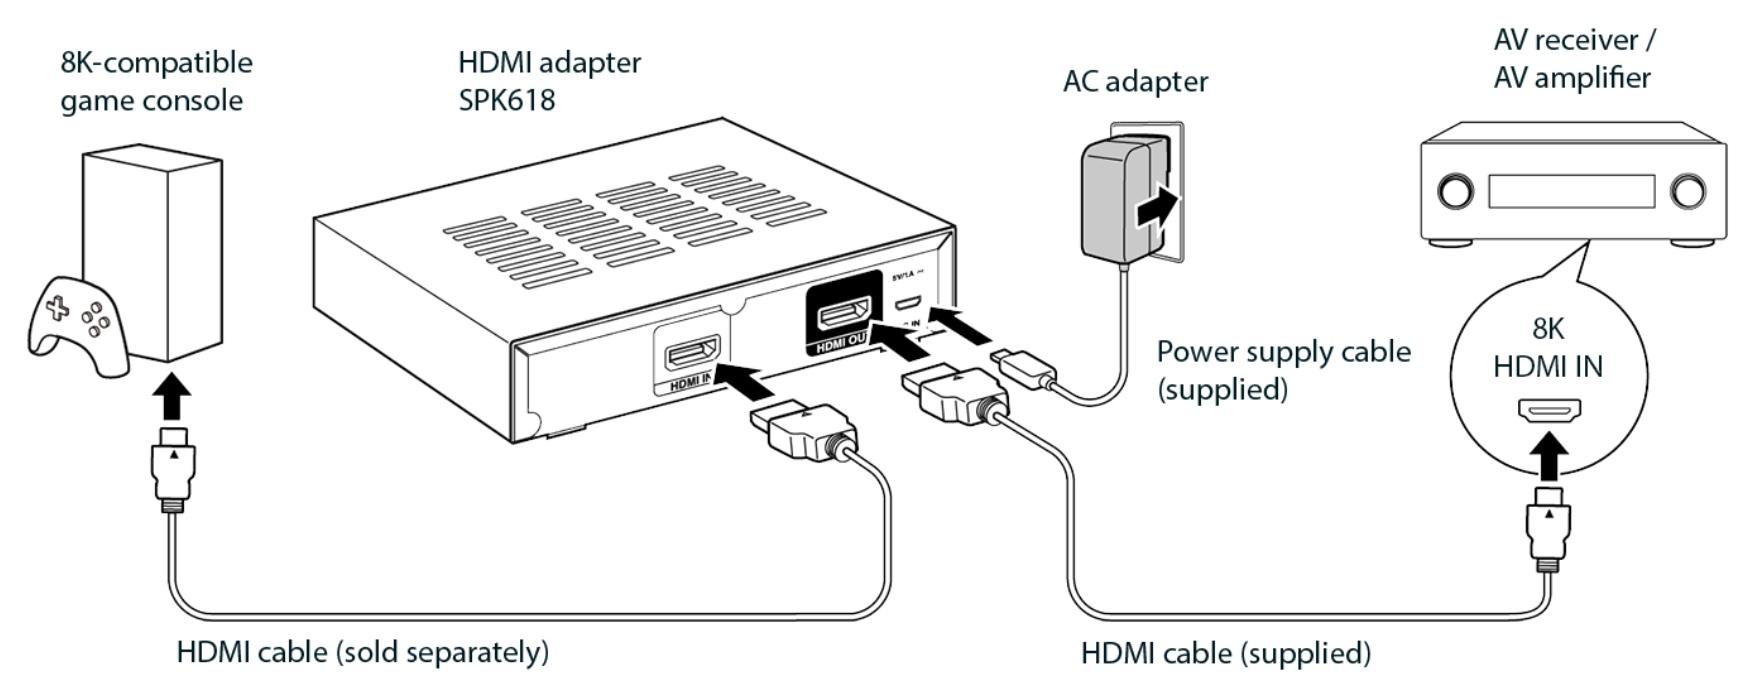 SPK618 HDMI adapterkészlet